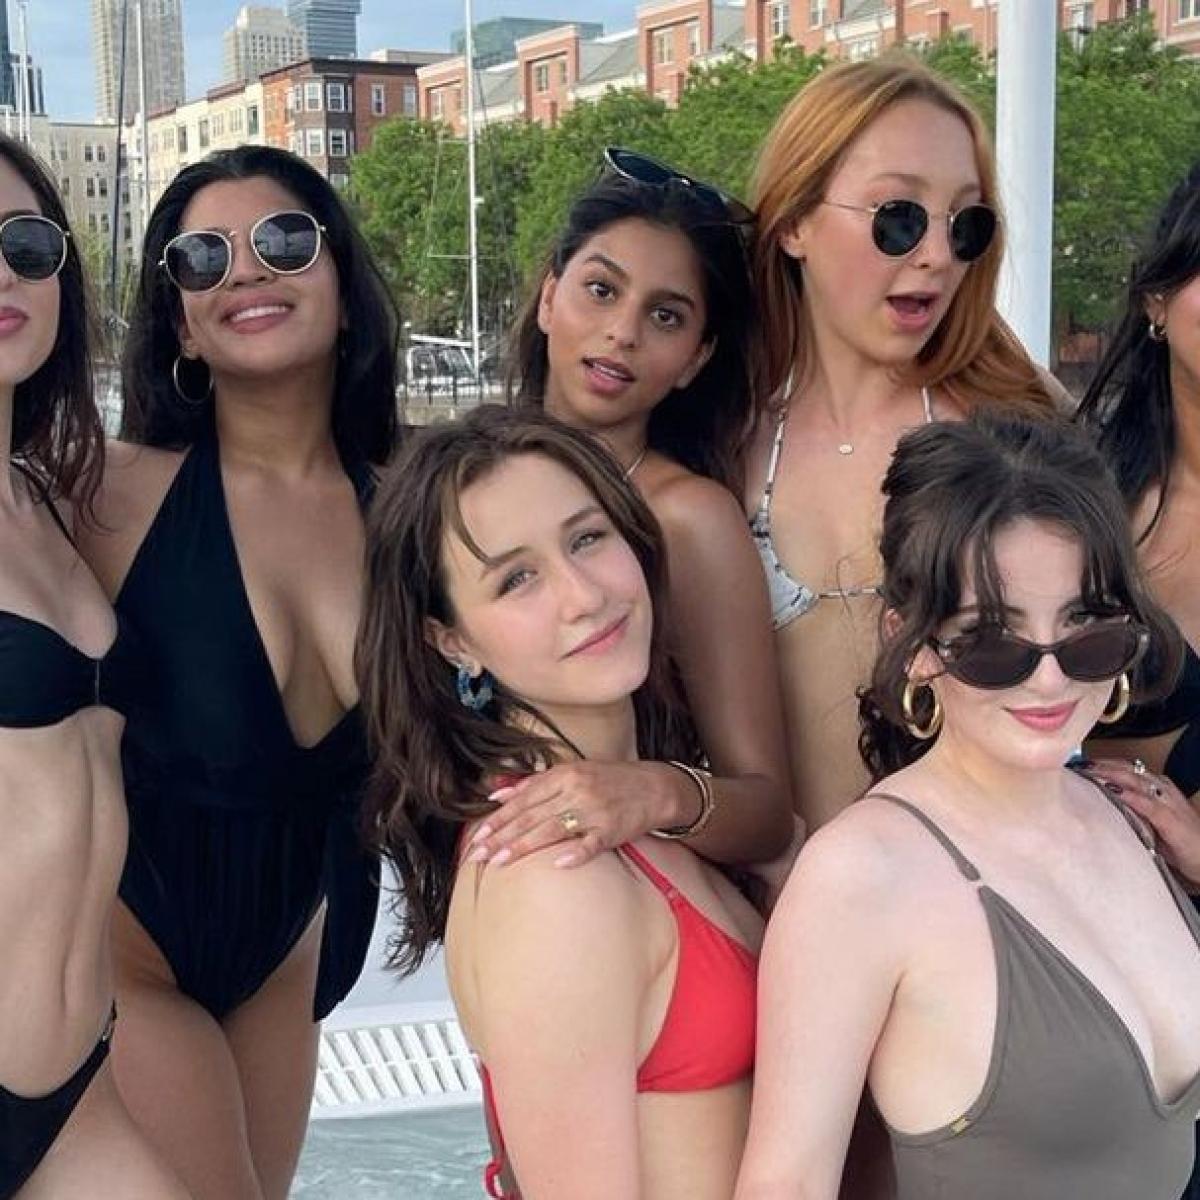 Bikini-clad Suhana Khan strategically hides behind girl gang in New York pool date pics